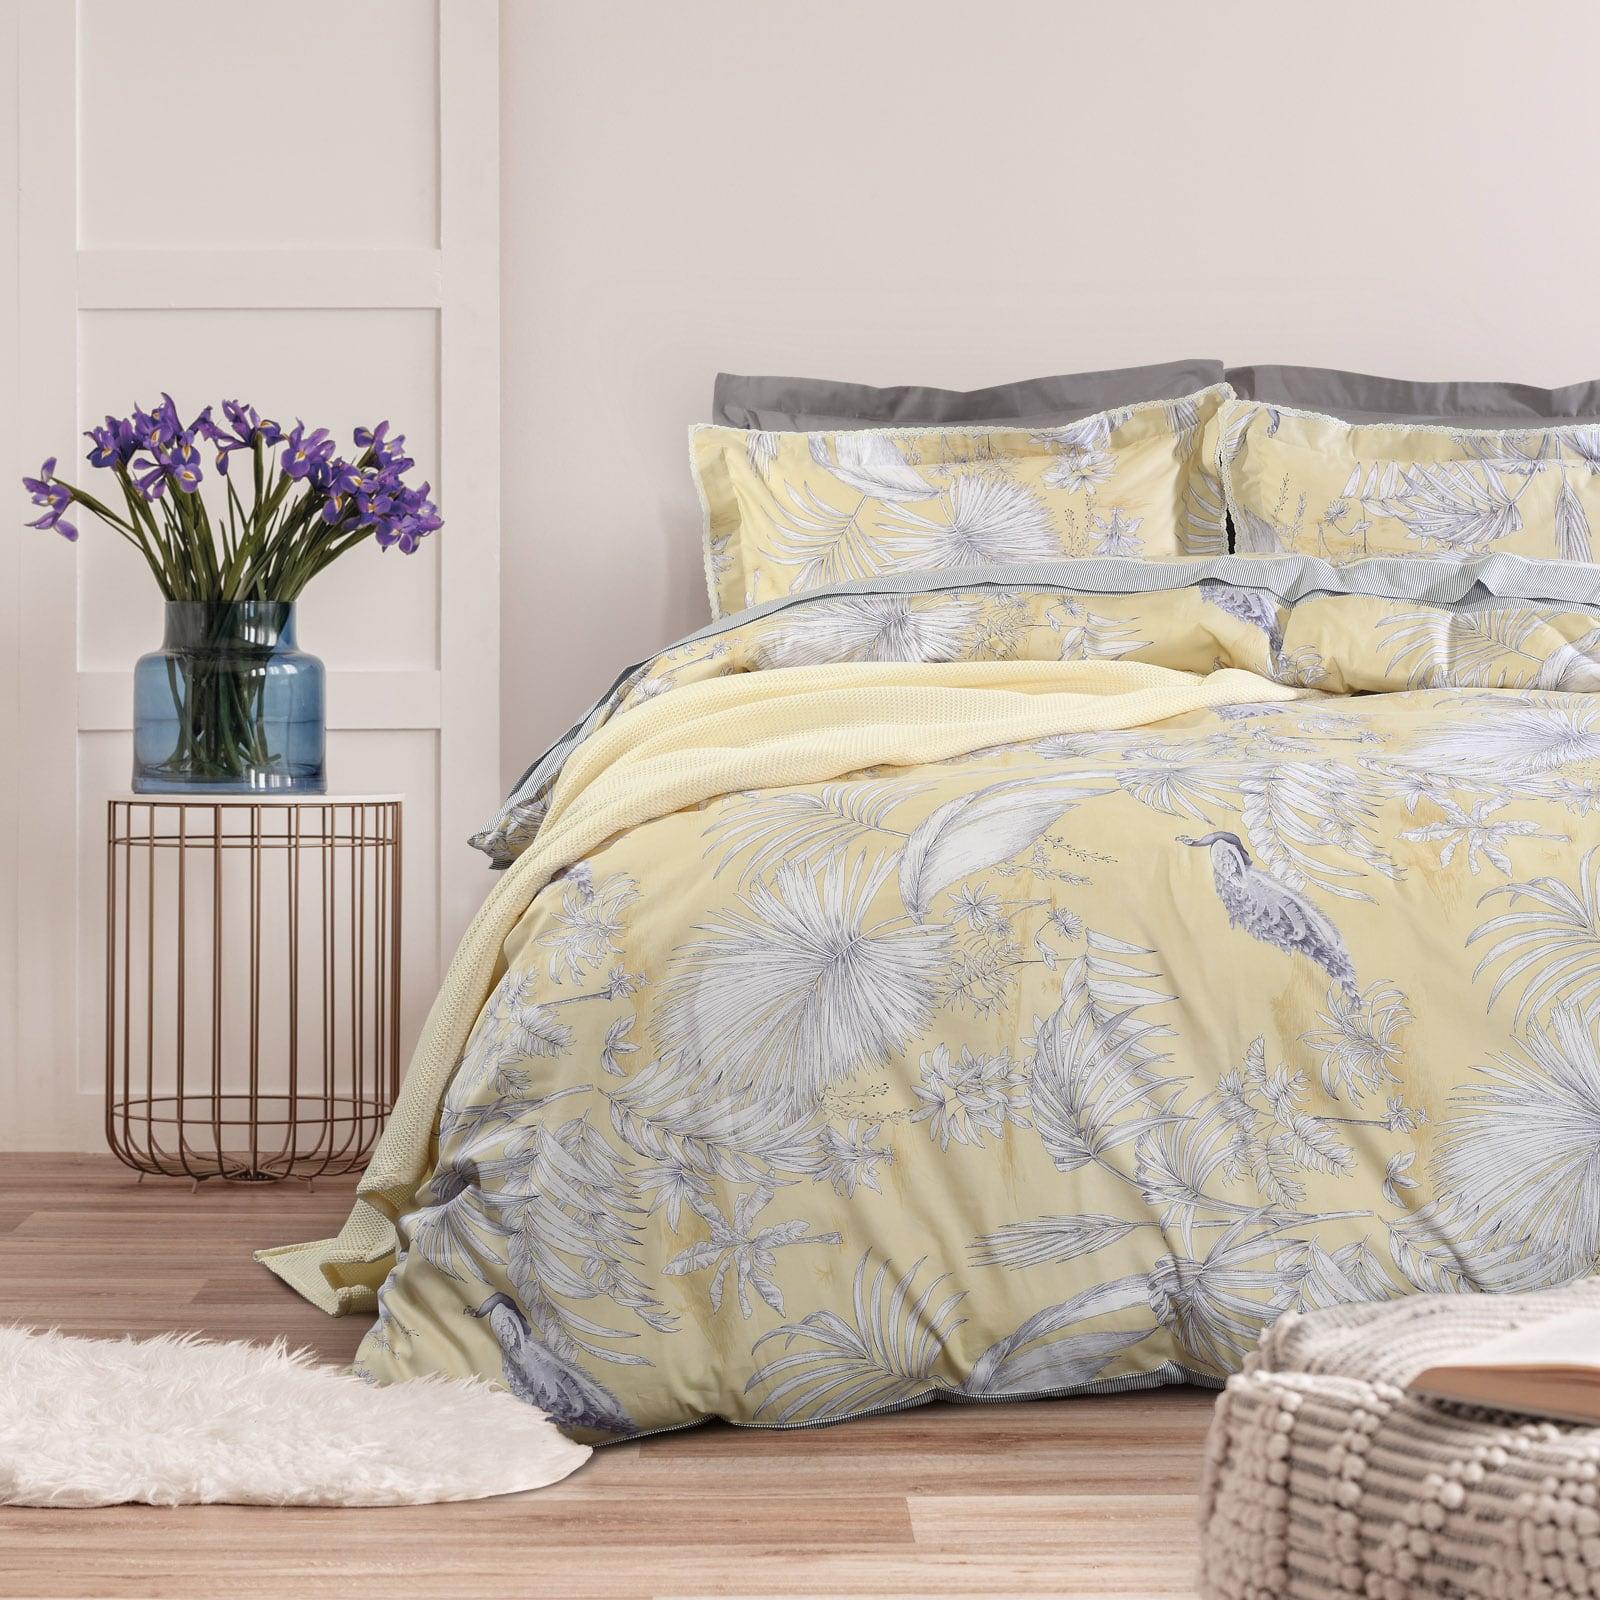 Σεντόνια Σετ 4τμχ 1622 Prestige Yellow-Grey Das Home Υπέρδιπλo 230x260cm